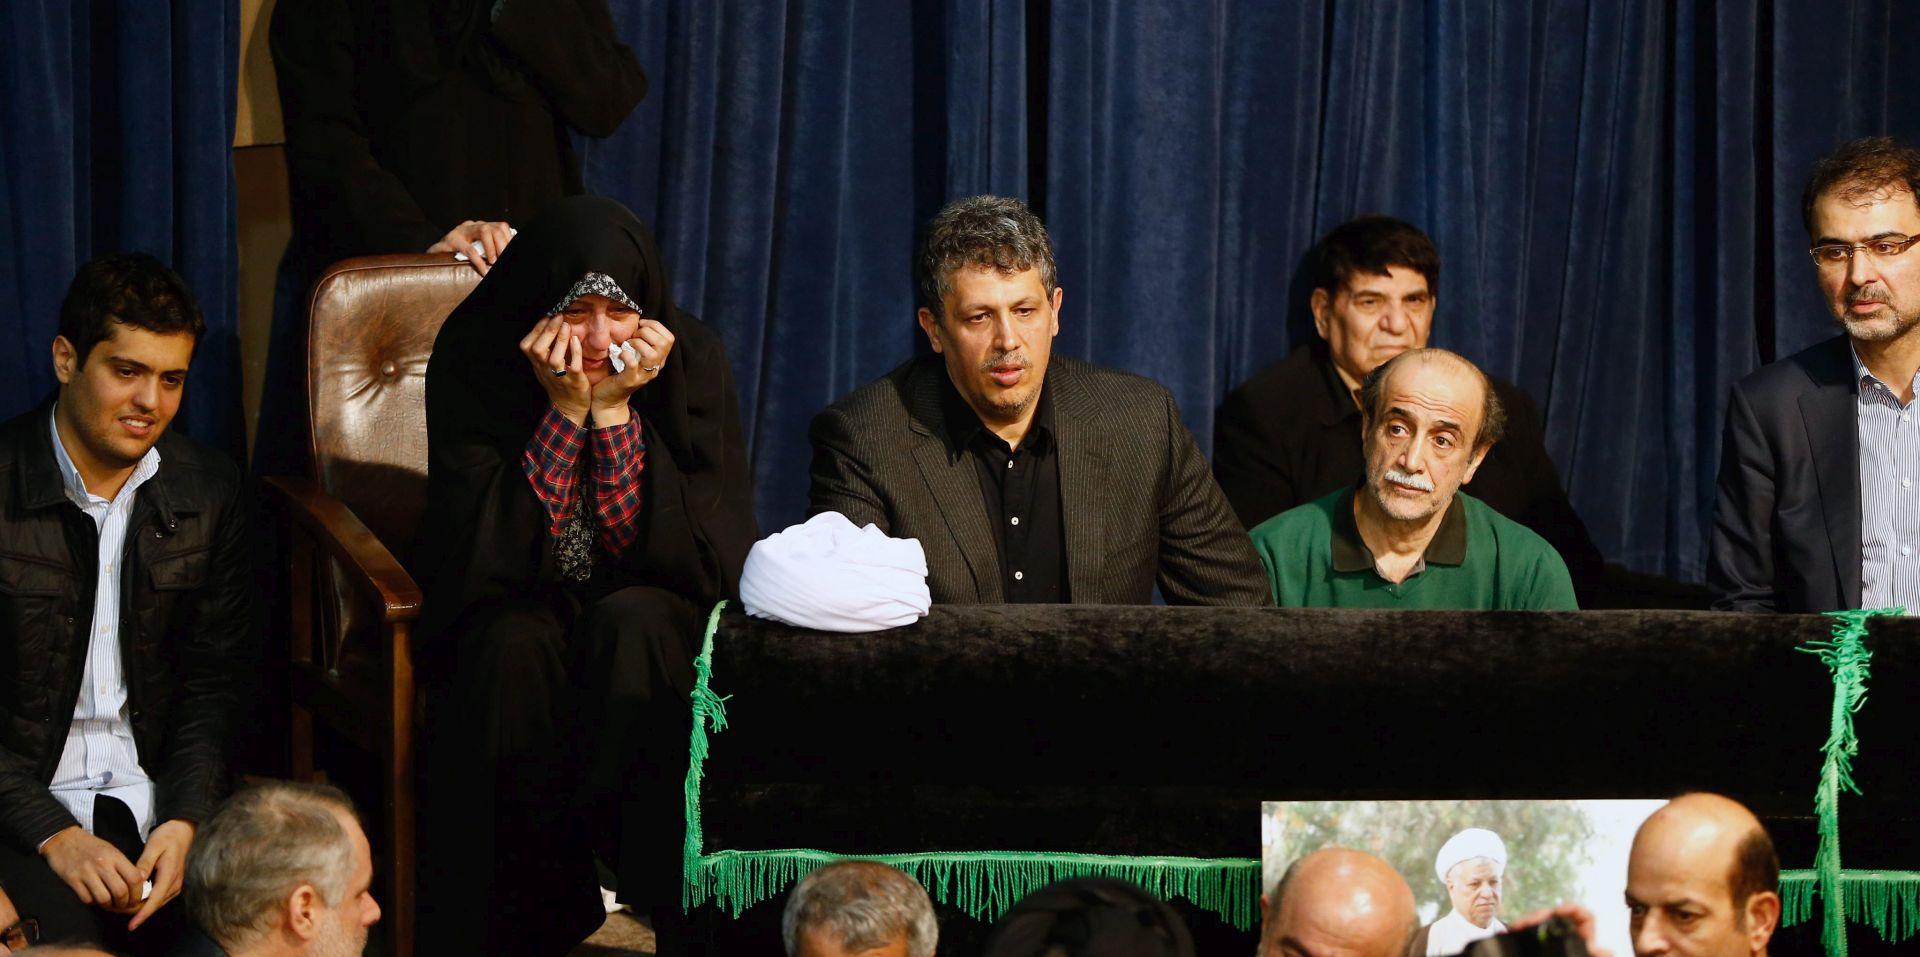 Deseci tisuća Iranaca okupljaju se na pogrebu bivšeg predsjednika Rafsandžanija